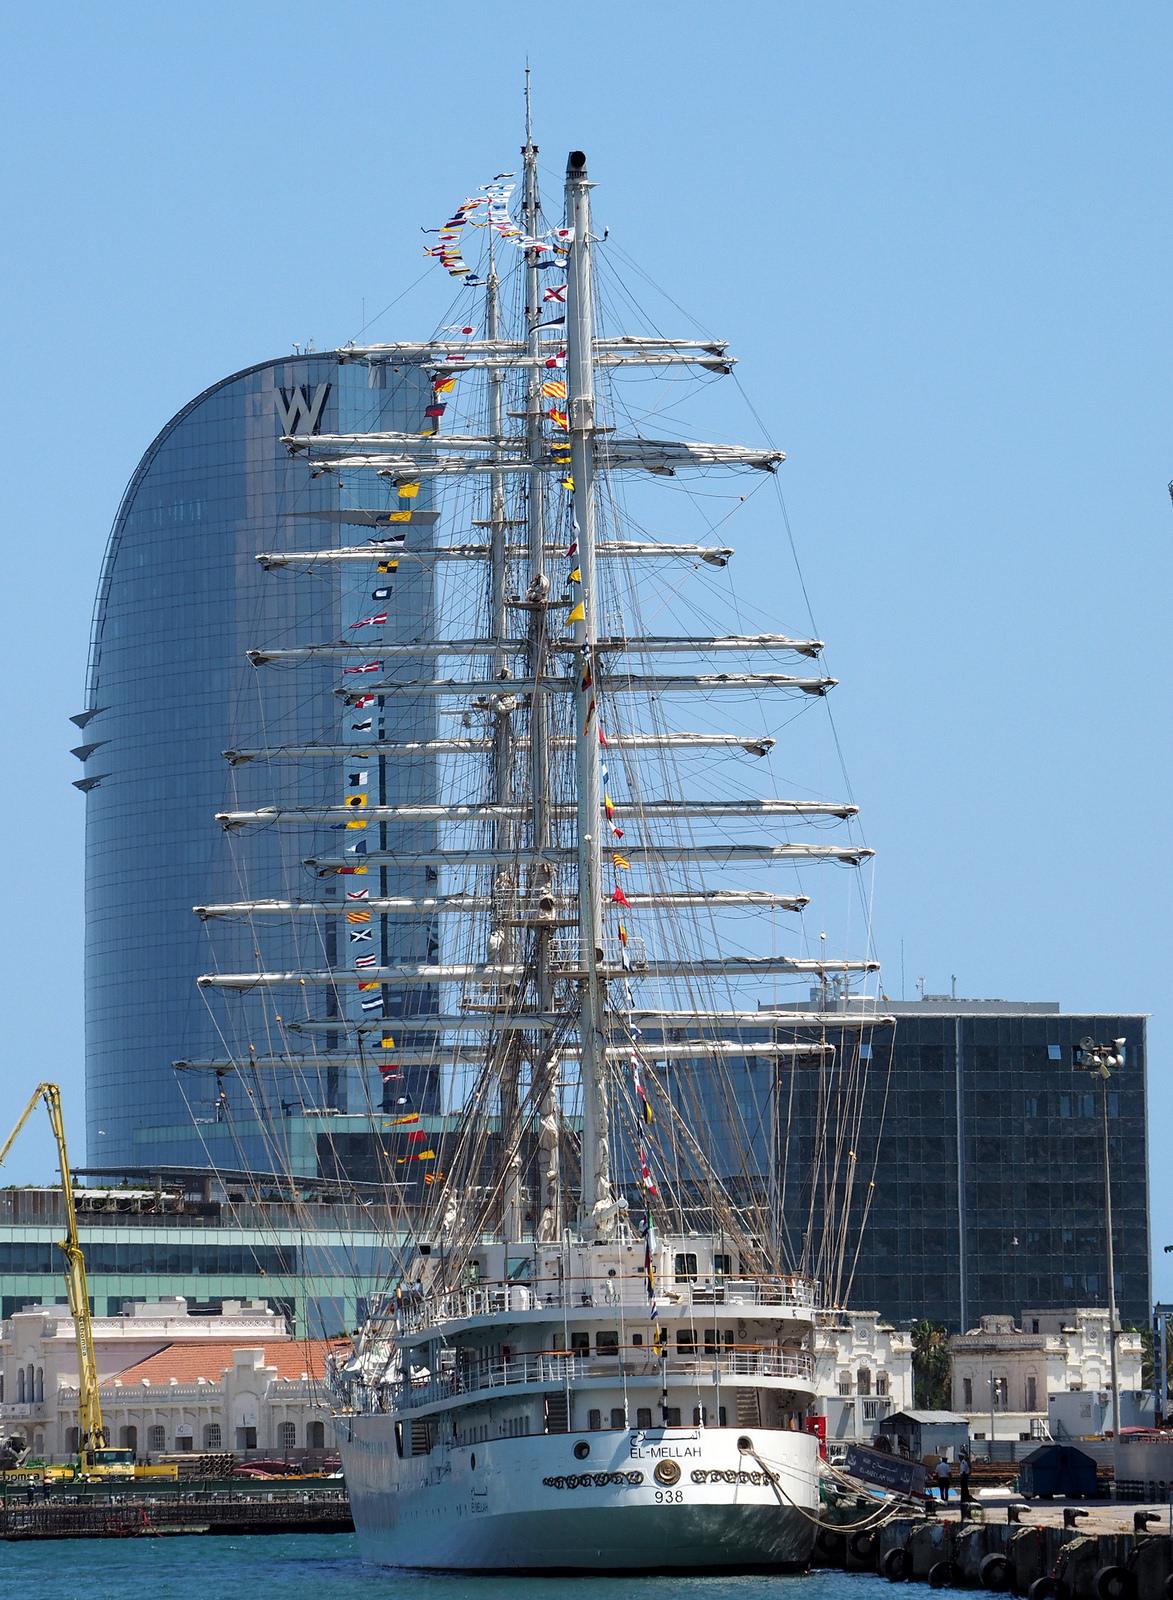 صور السفينة الشراعية الجزائرية  [ الملاح 938 ] - صفحة 11 43186814032_0751b60a71_o